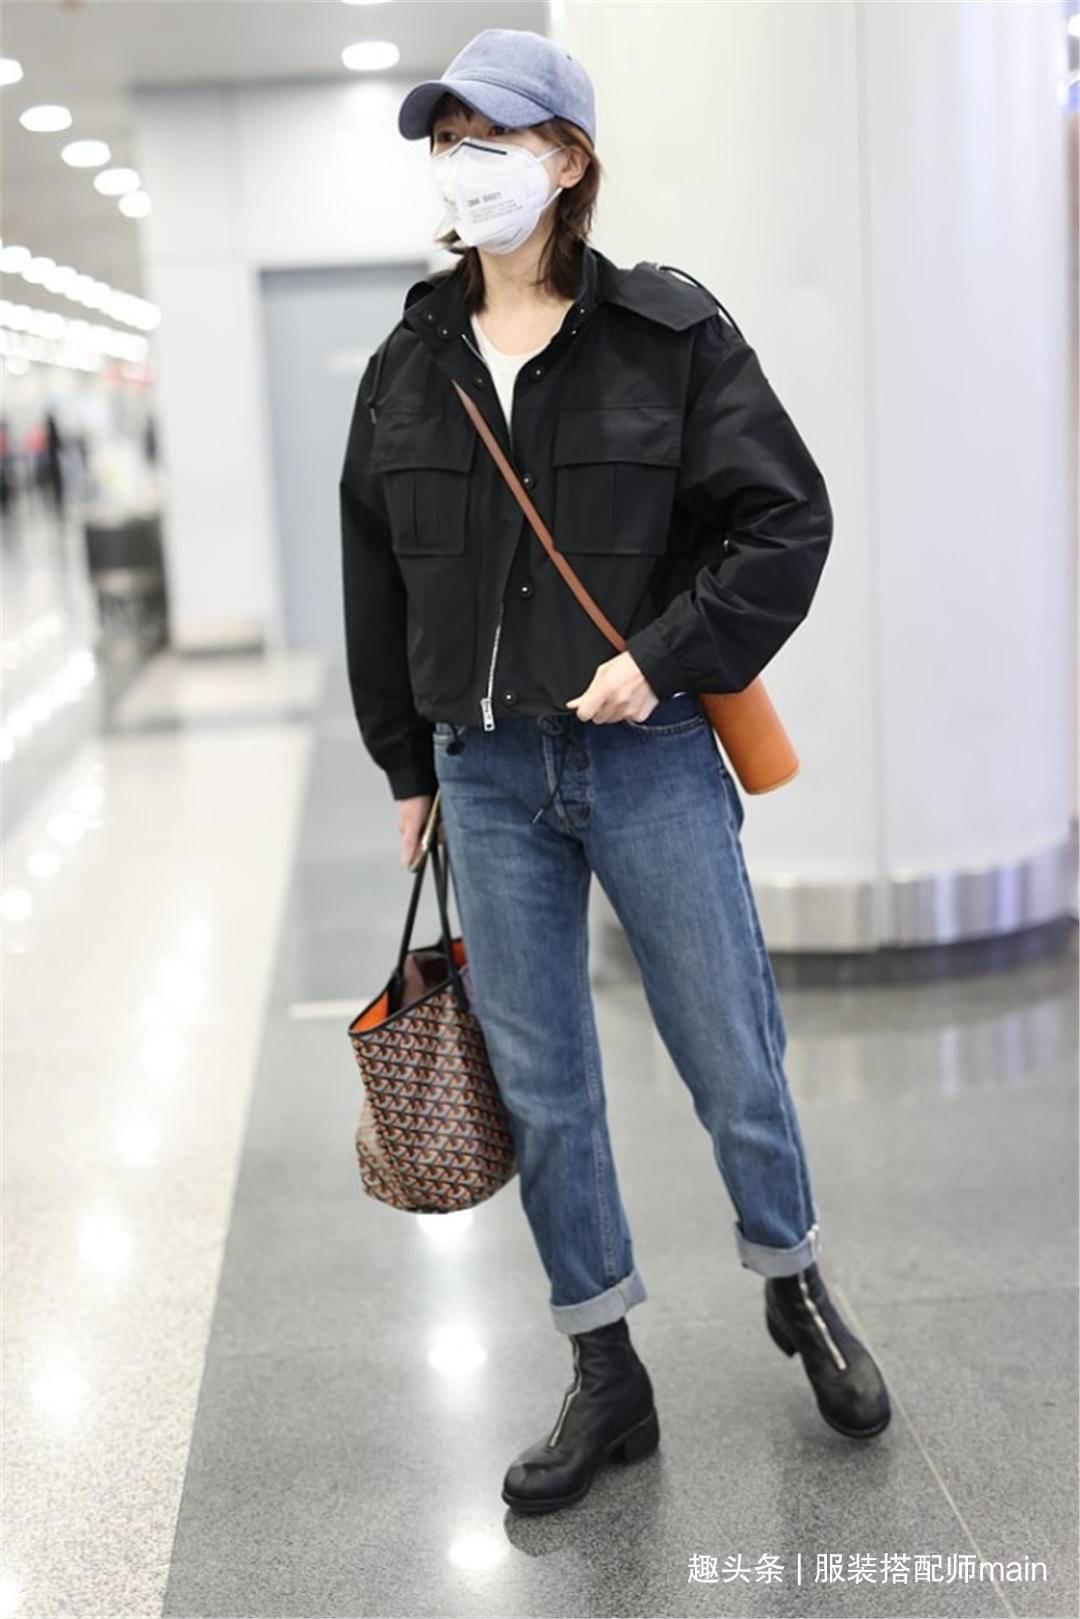 tokyo流仪牛仔裤062 new东京流仪牛仔裤系列